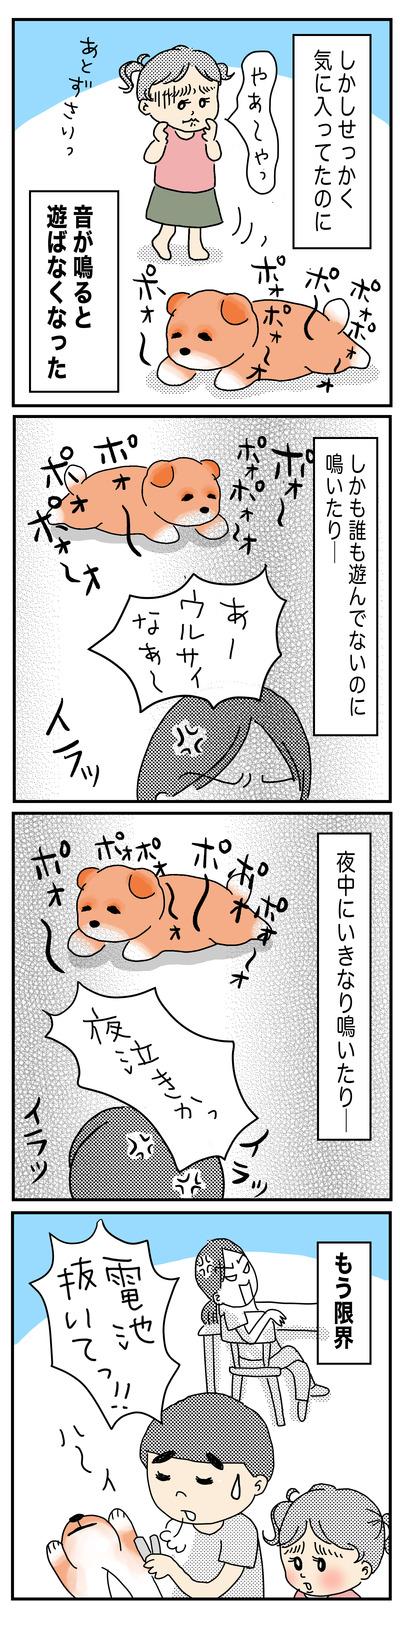 100 ポーちゃんとの出会いファイナル(1才〜1才半)